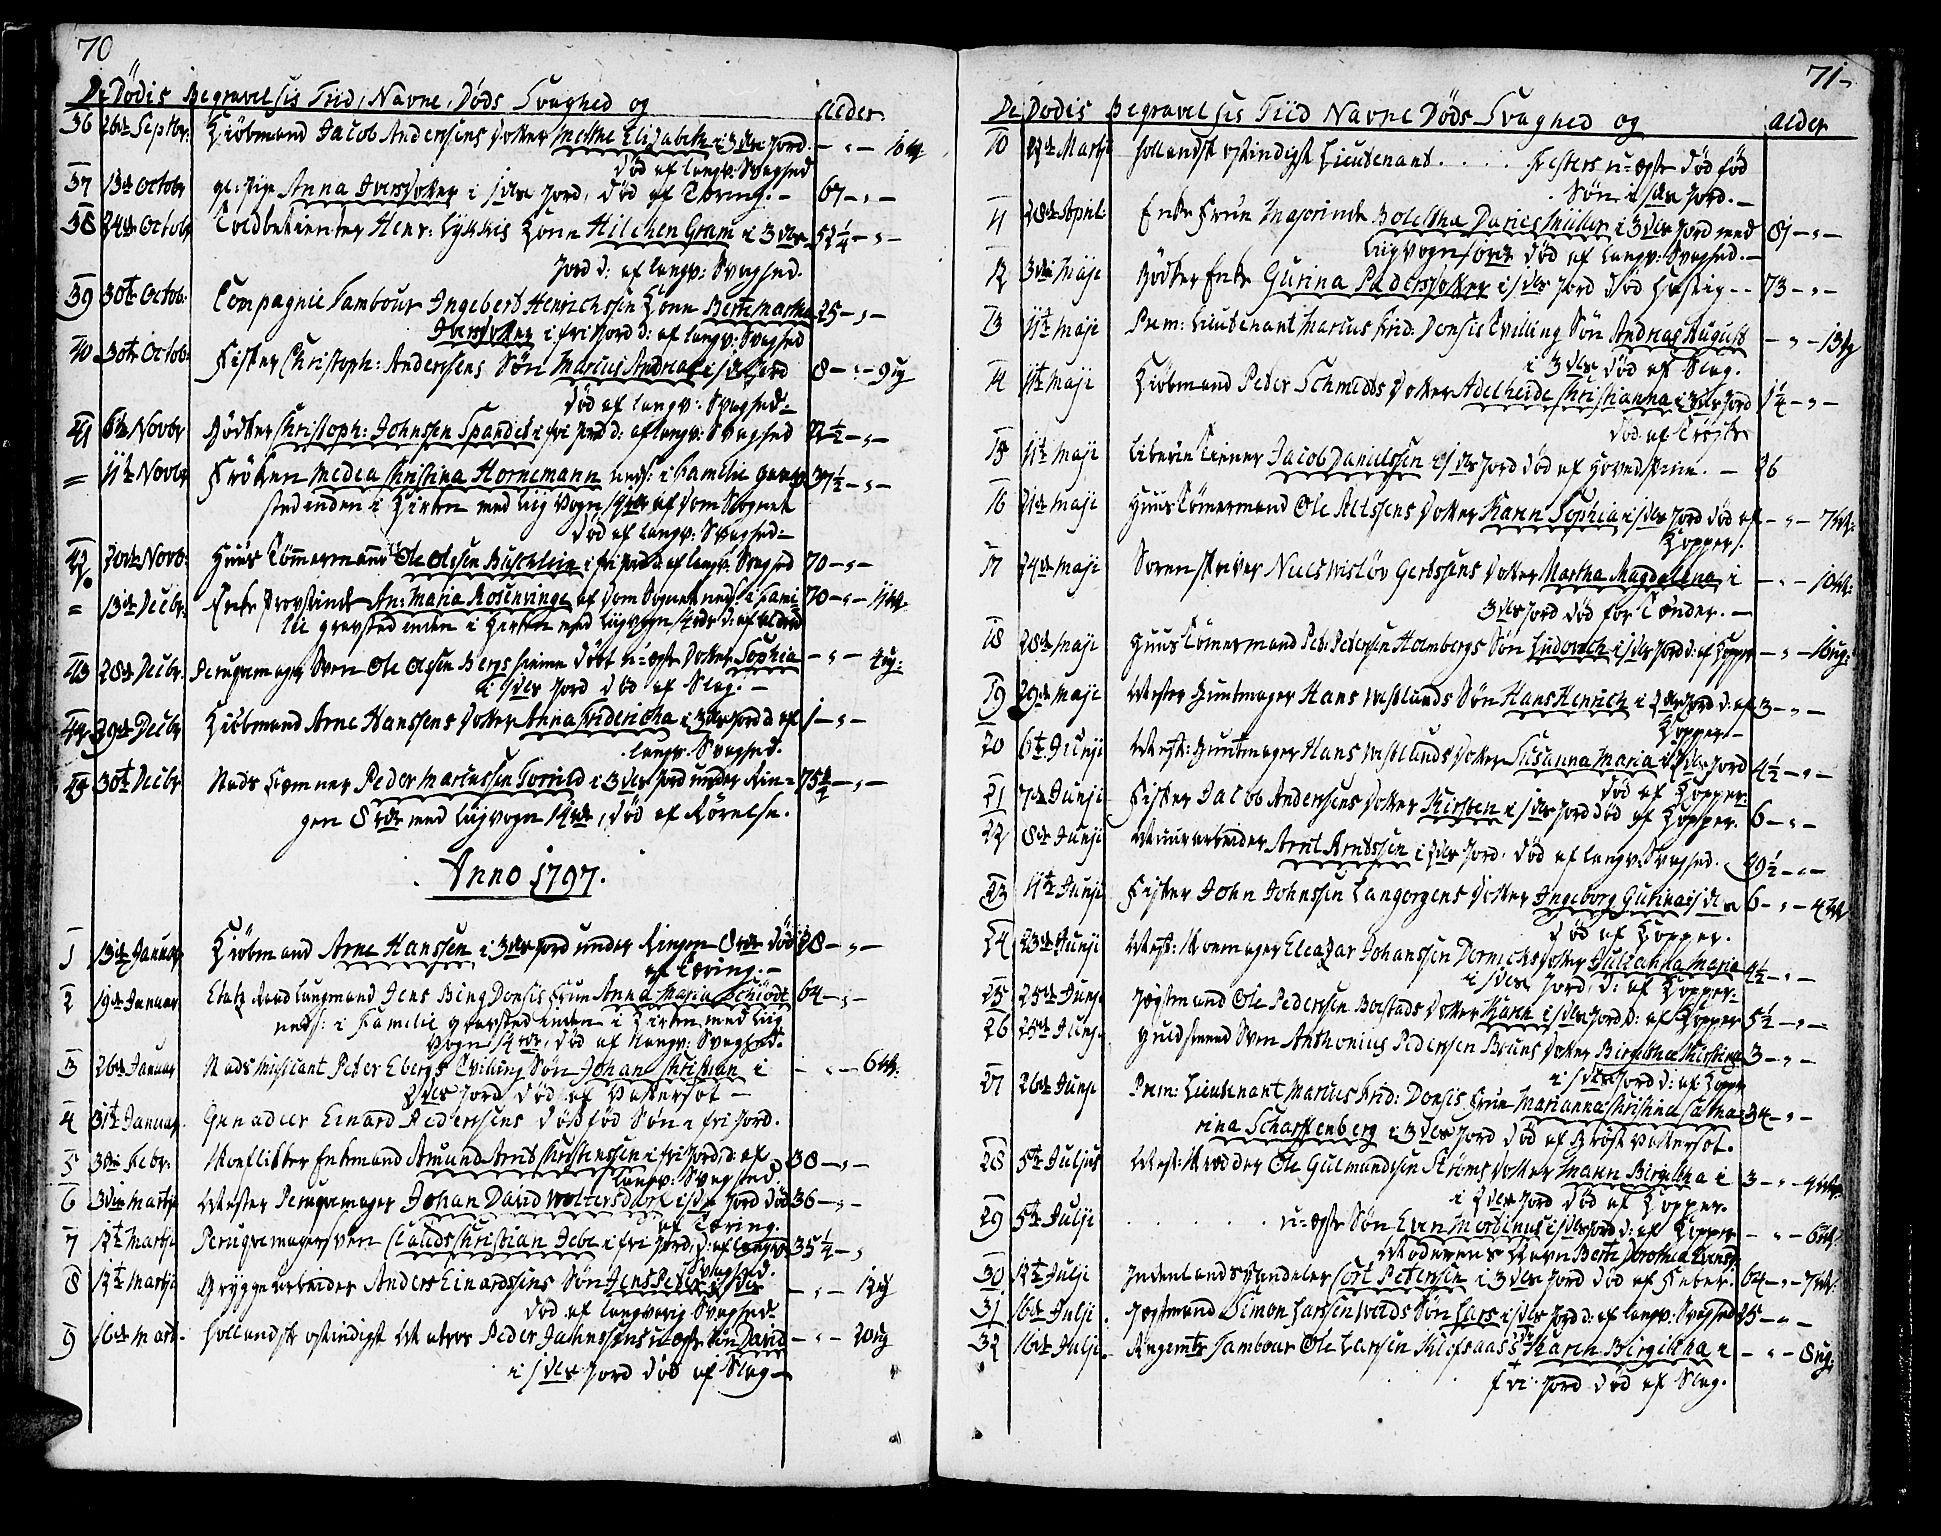 SAT, Ministerialprotokoller, klokkerbøker og fødselsregistre - Sør-Trøndelag, 602/L0106: Ministerialbok nr. 602A04, 1774-1814, s. 70-71